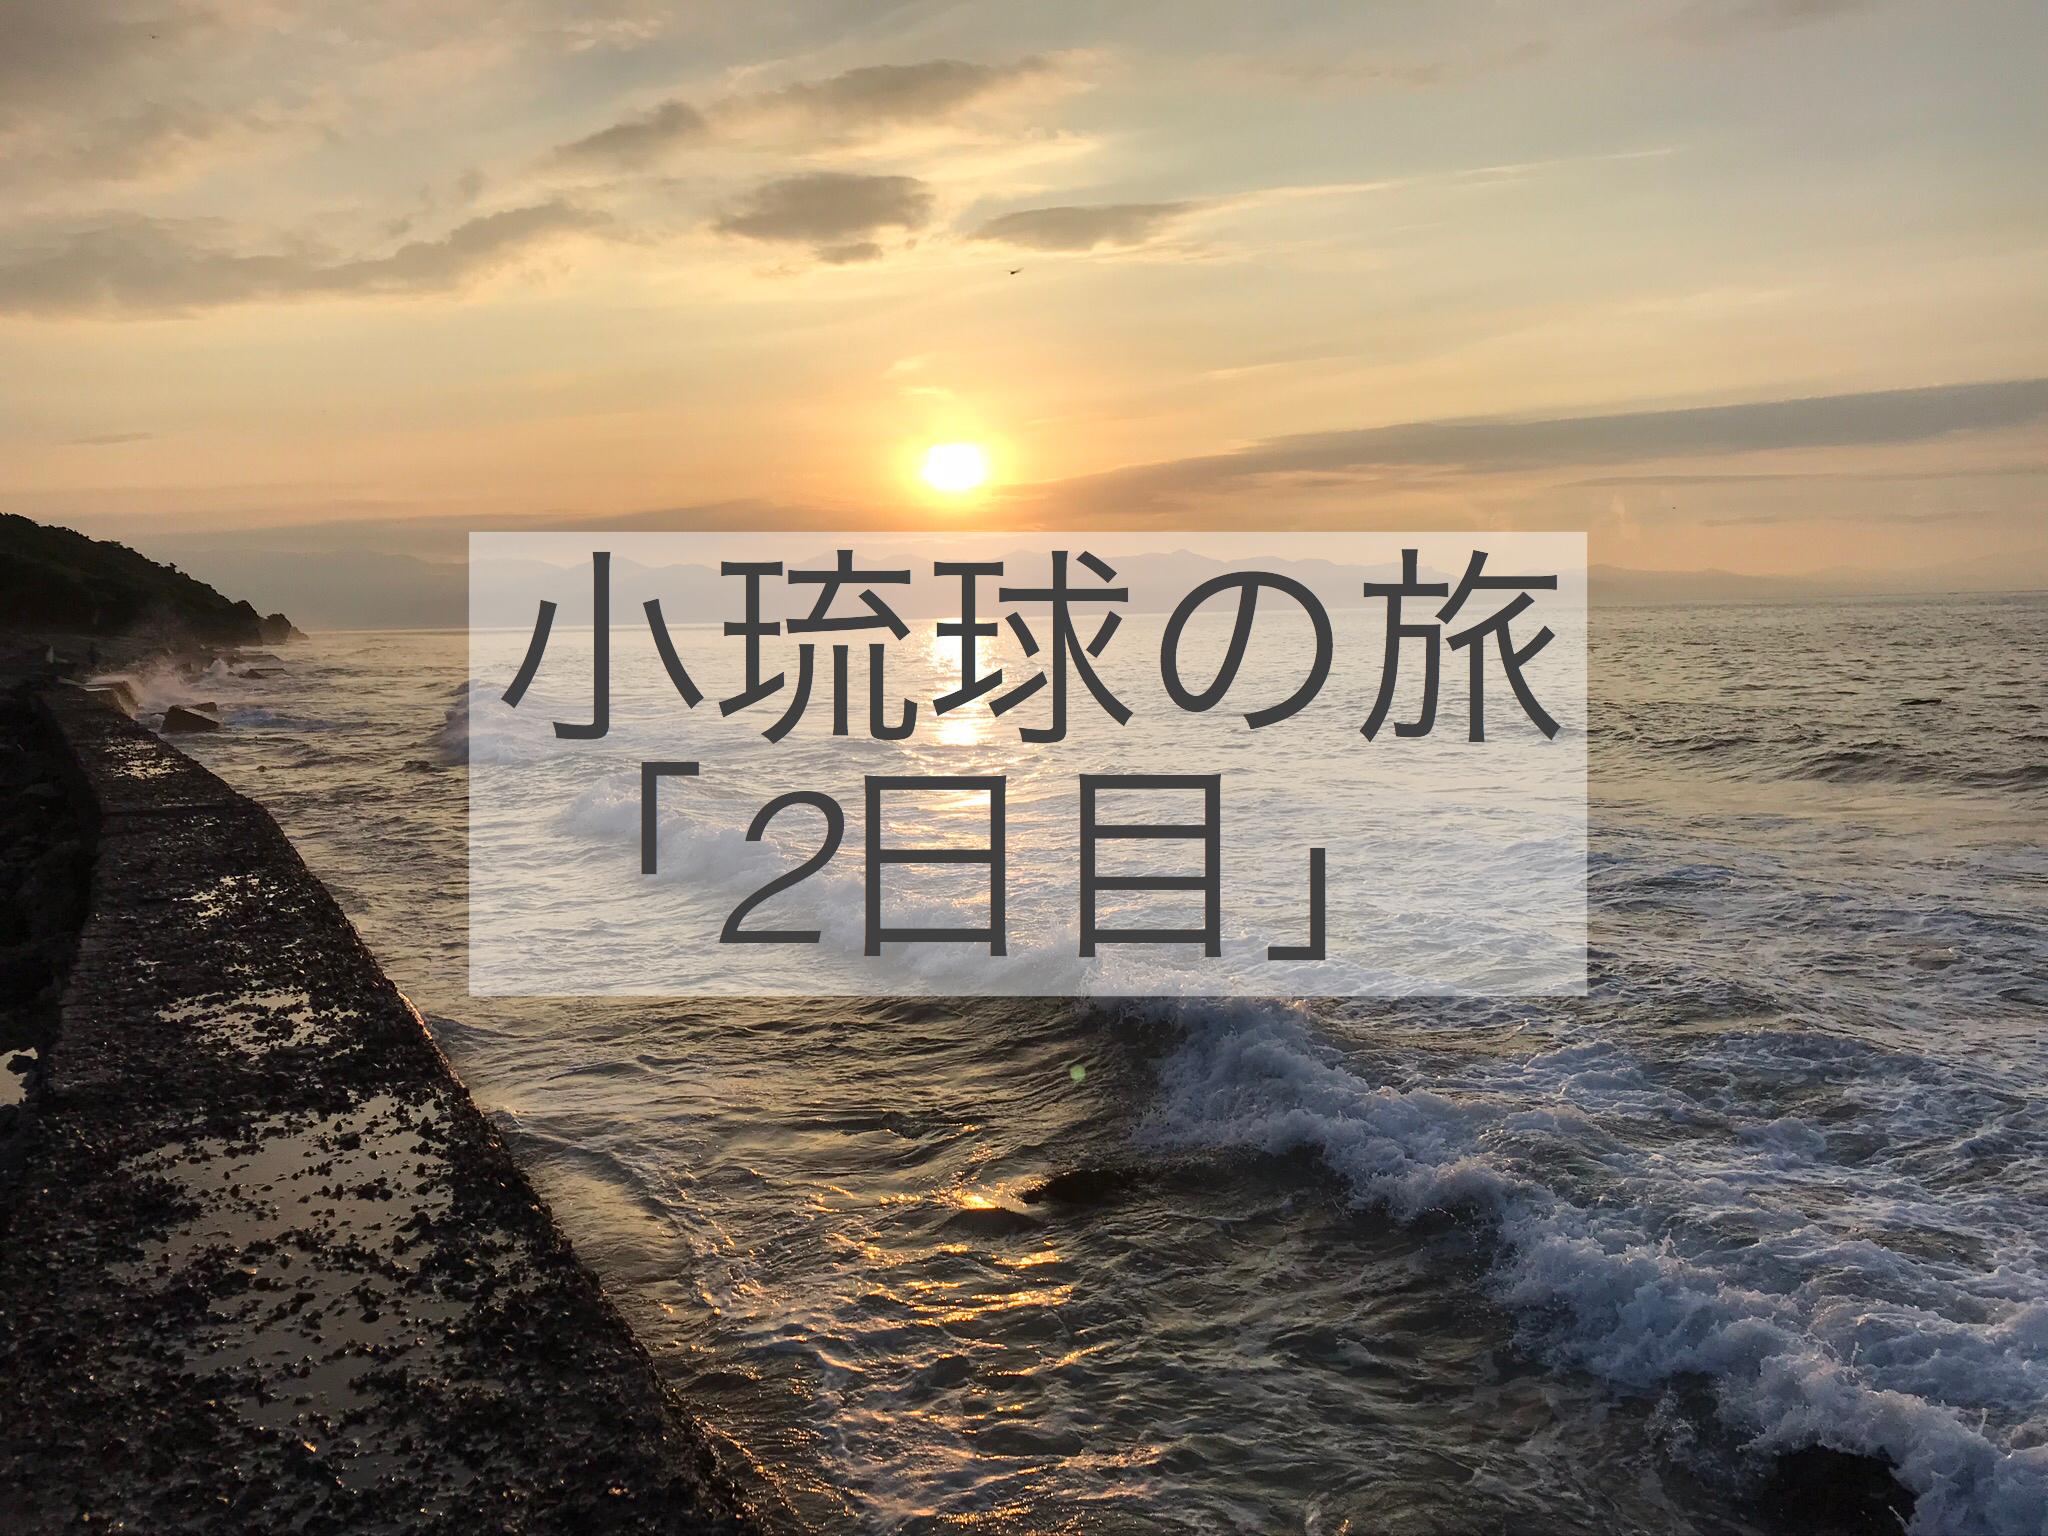 小琉球の旅「2日目」動画公開